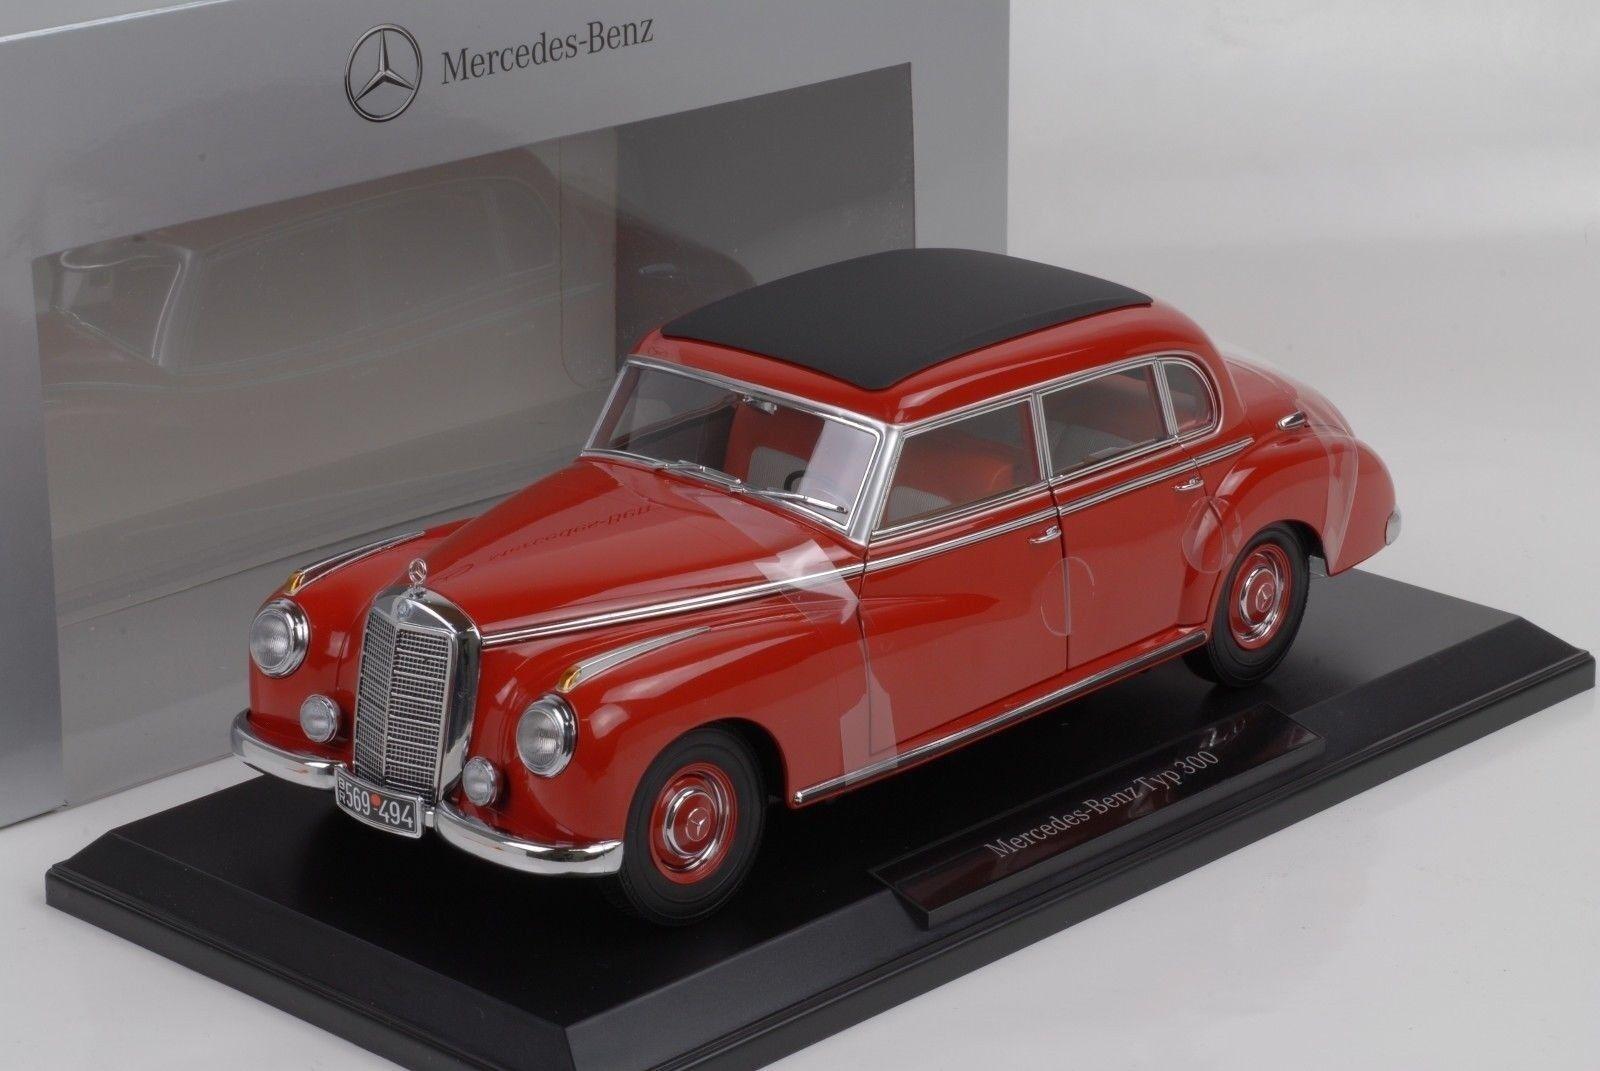 NOREVB66040615  - Voiture berline de luxe MERCEDES 300 Adenauer limousine W186 c